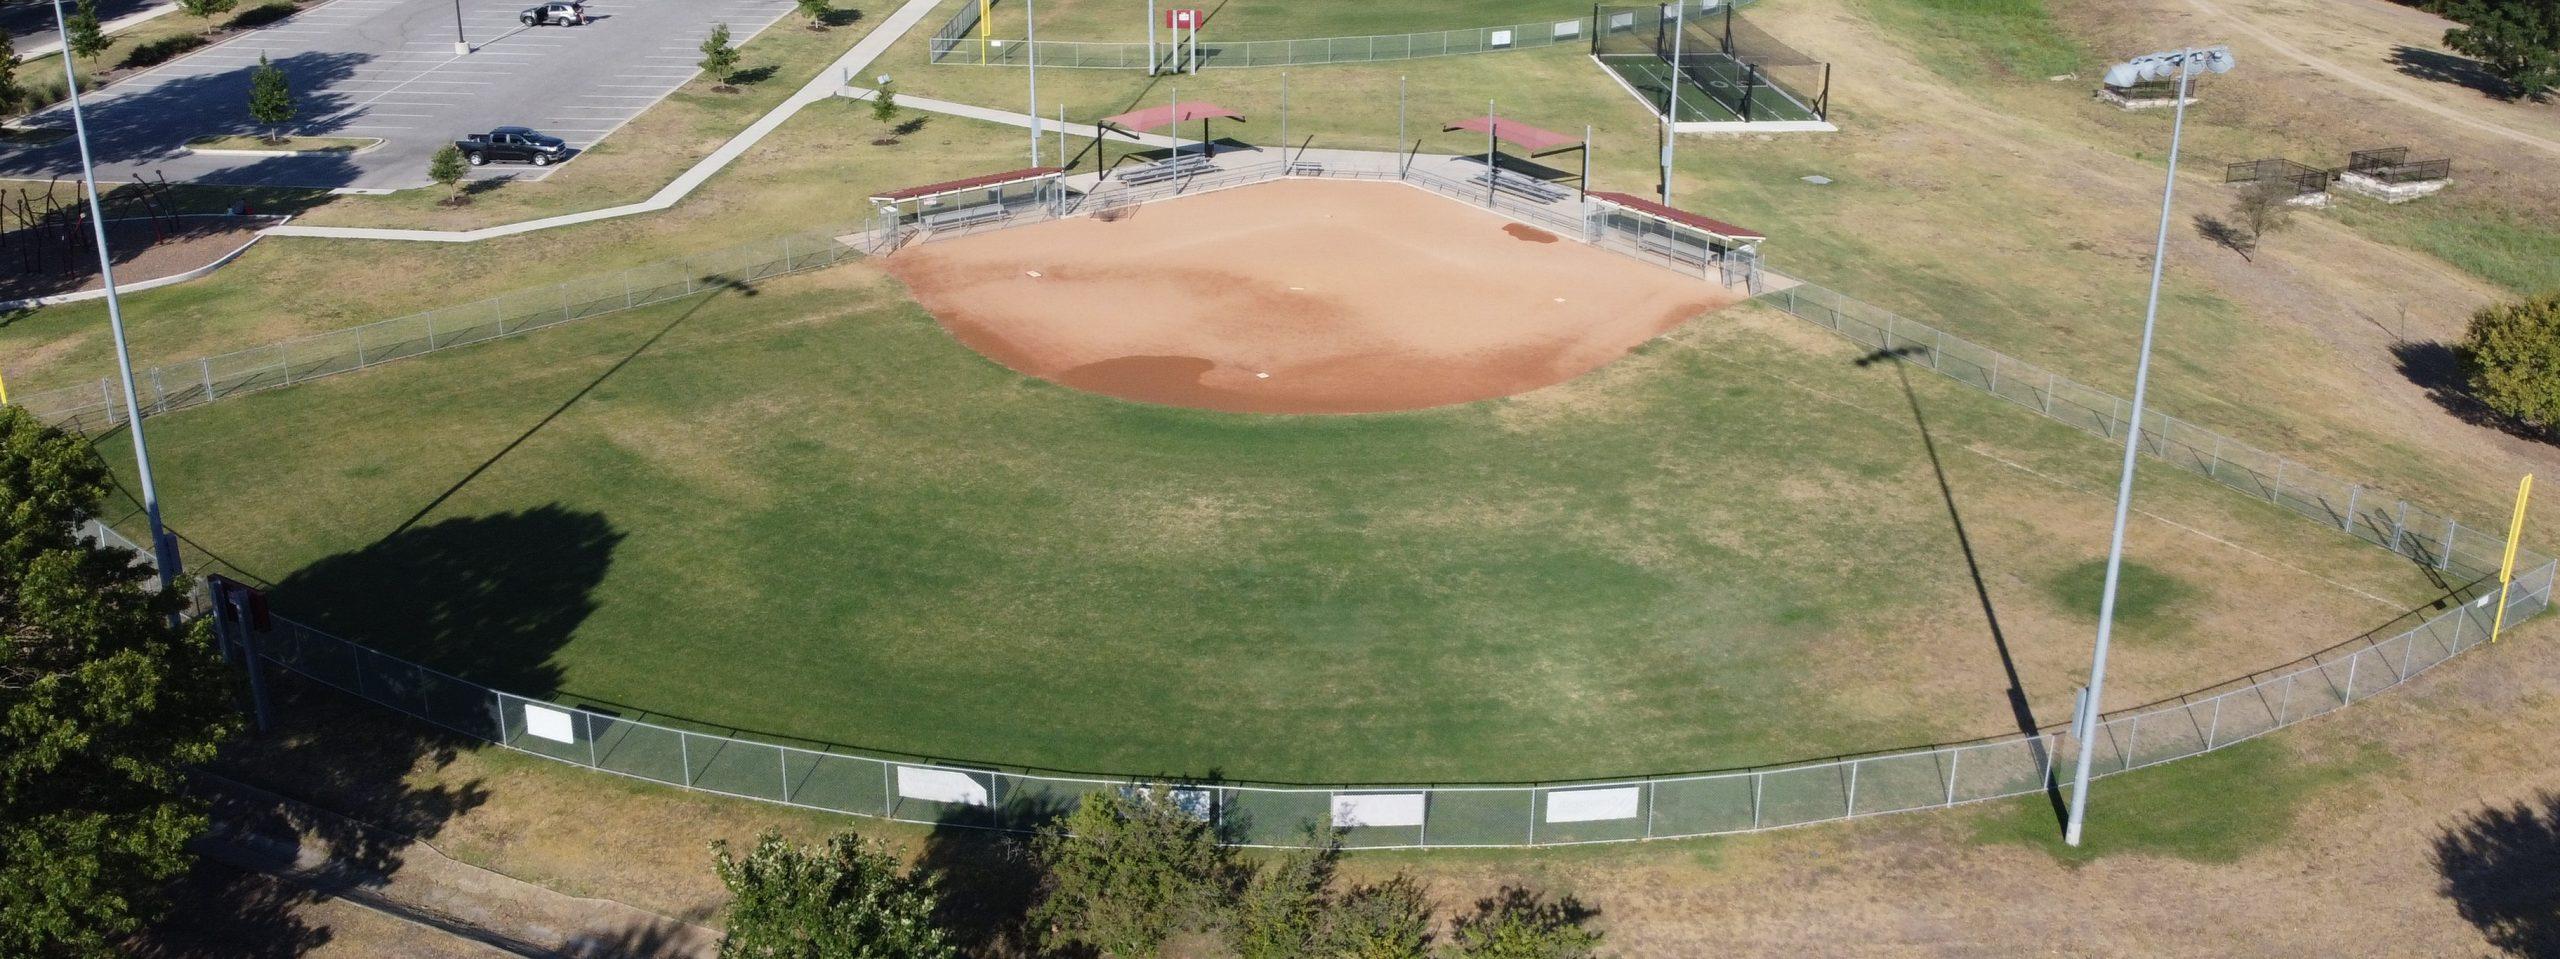 VFW East Field